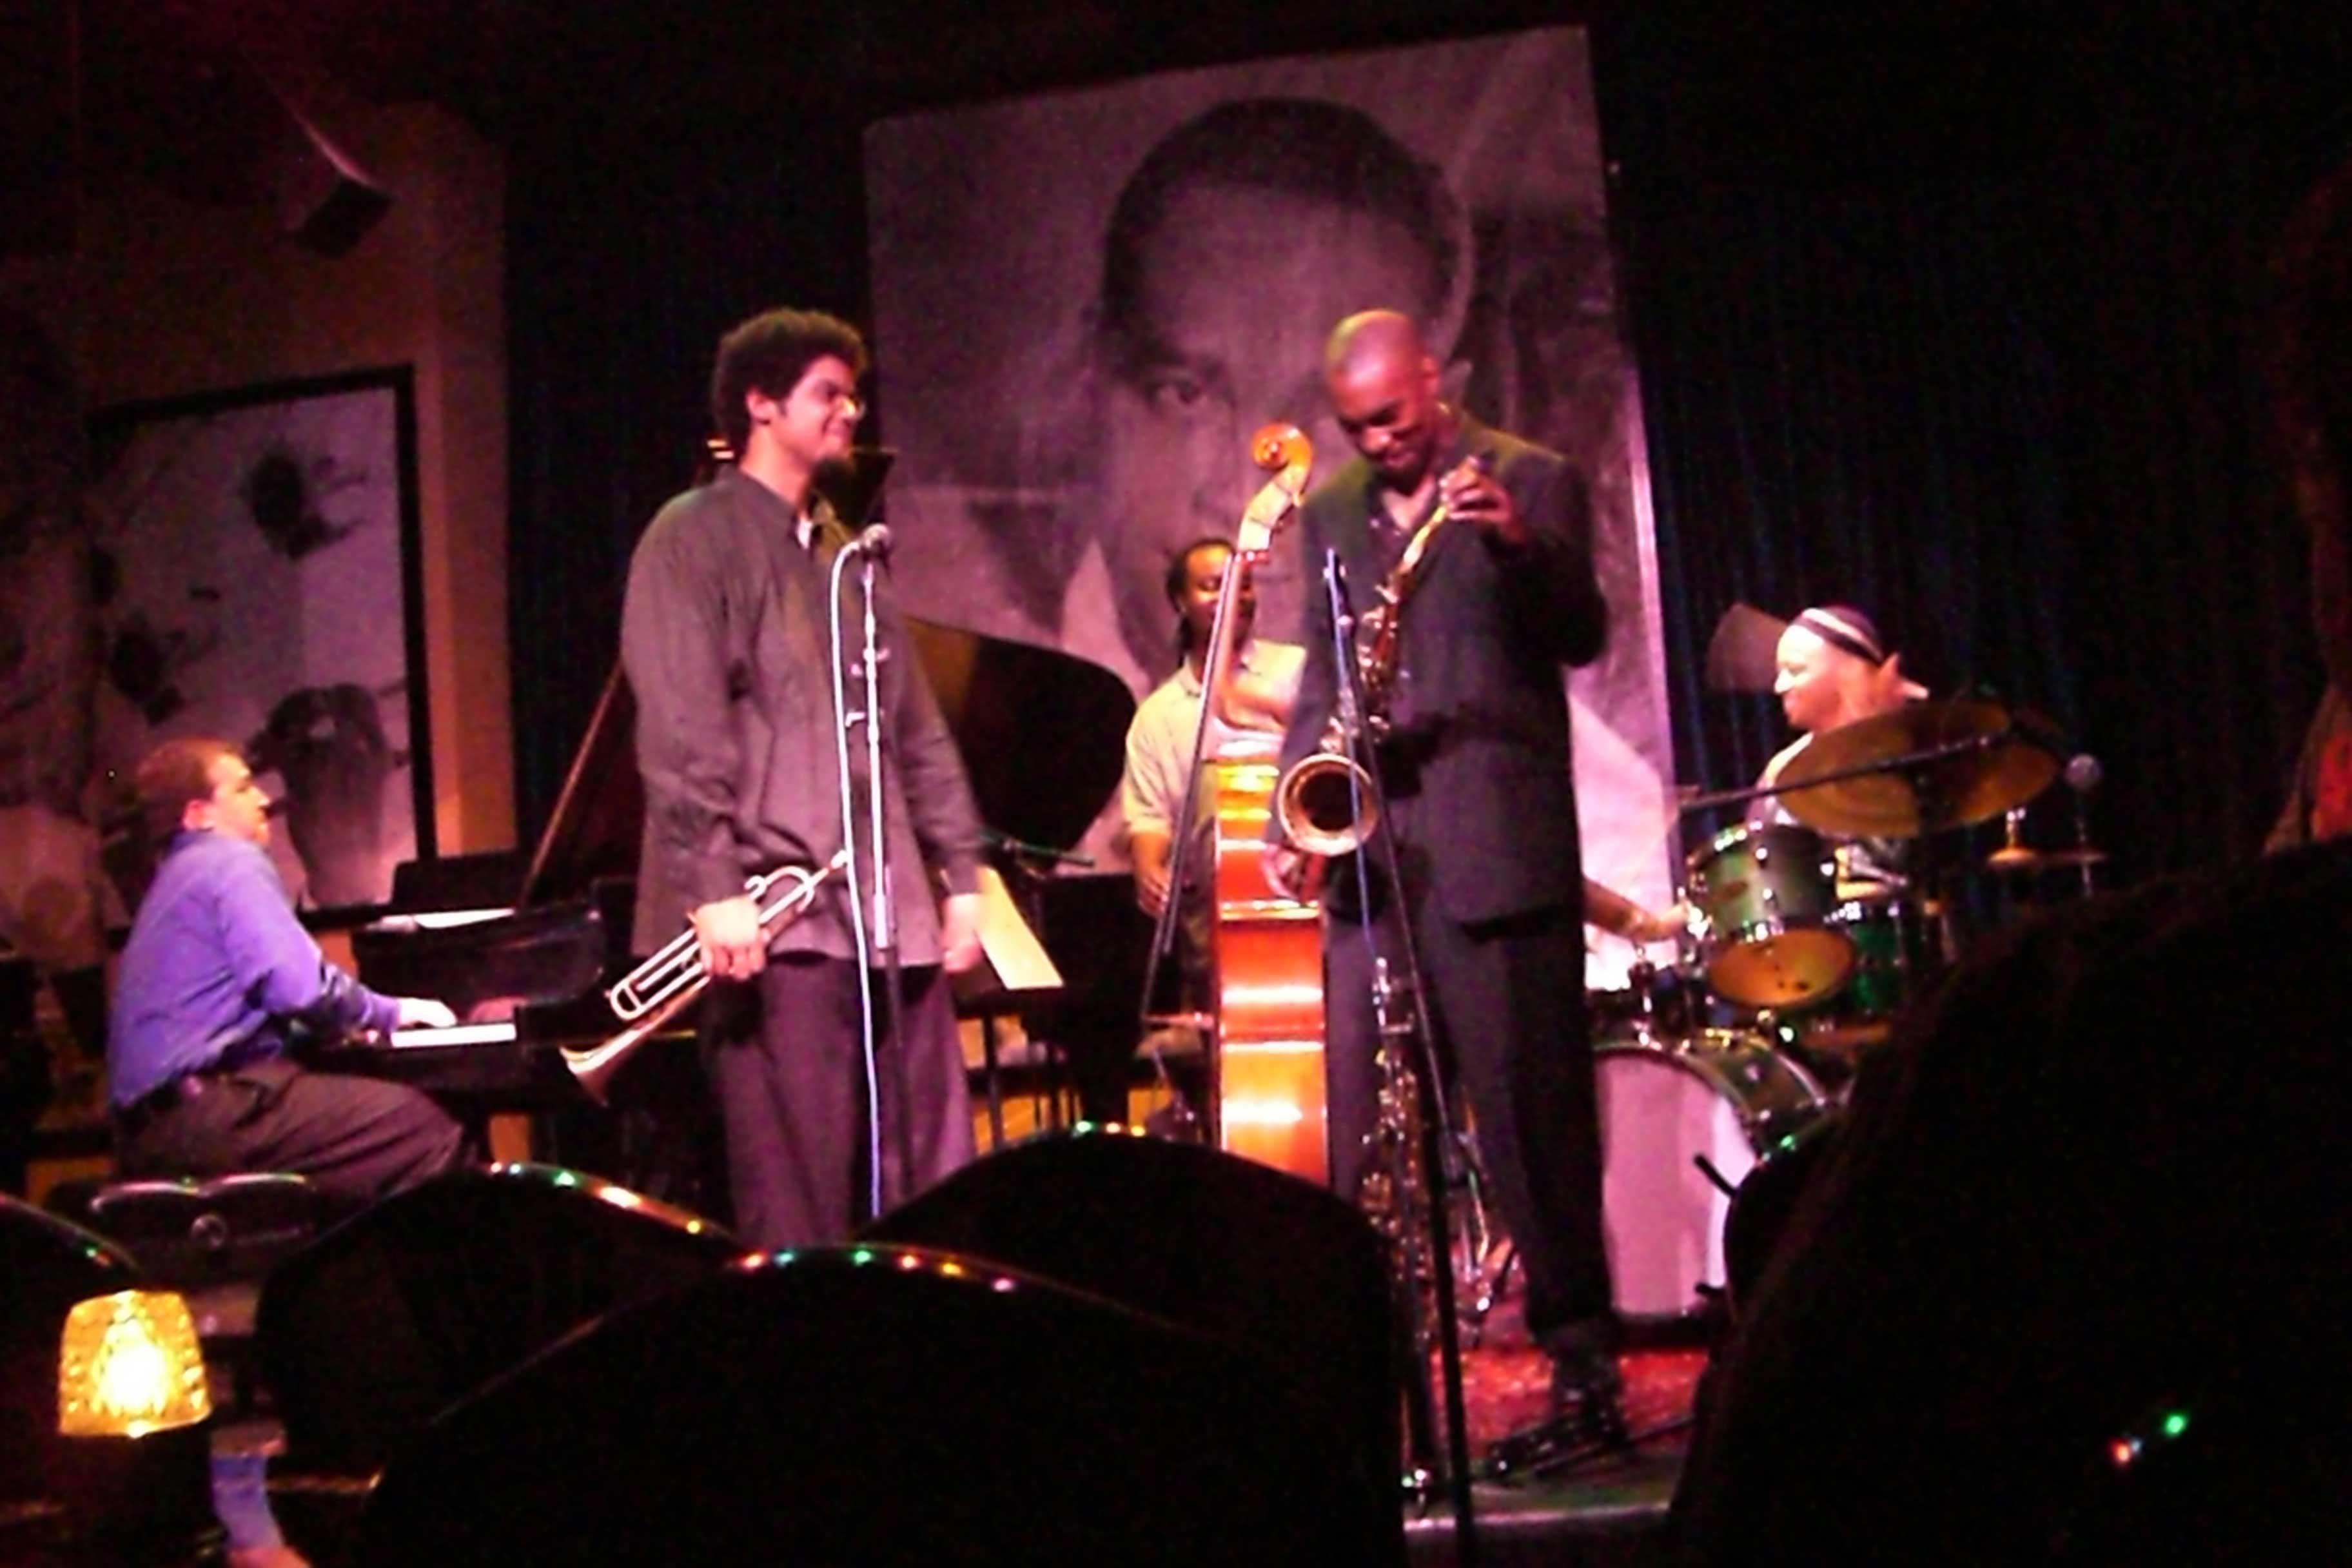 Winard harper sextet-the jazz showcase, chicago